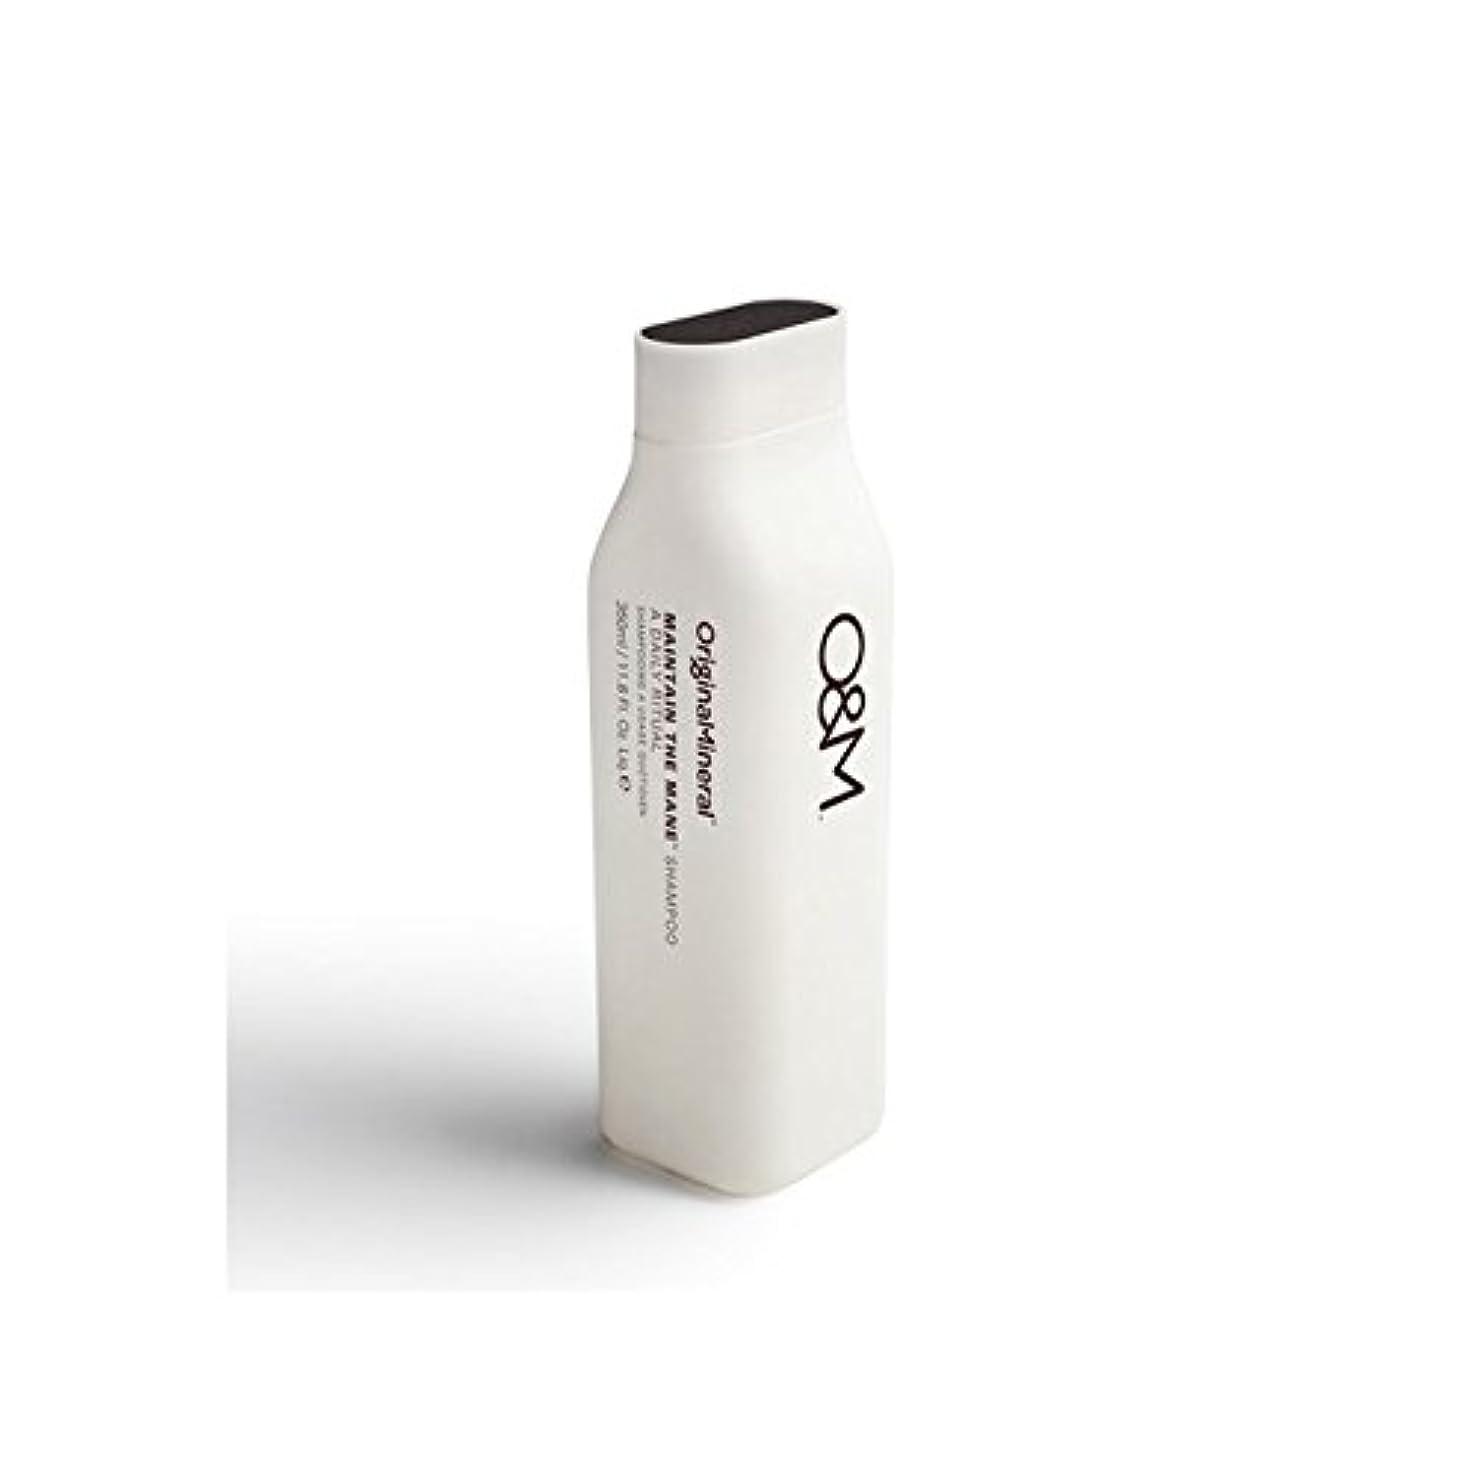 祖先フィールドマーガレットミッチェルOriginal & Mineral Maintain The Mane Shampoo (350ml) - オリジナル&ミネラルは、たてがみのシャンプー(350ミリリットル)を維持 [並行輸入品]